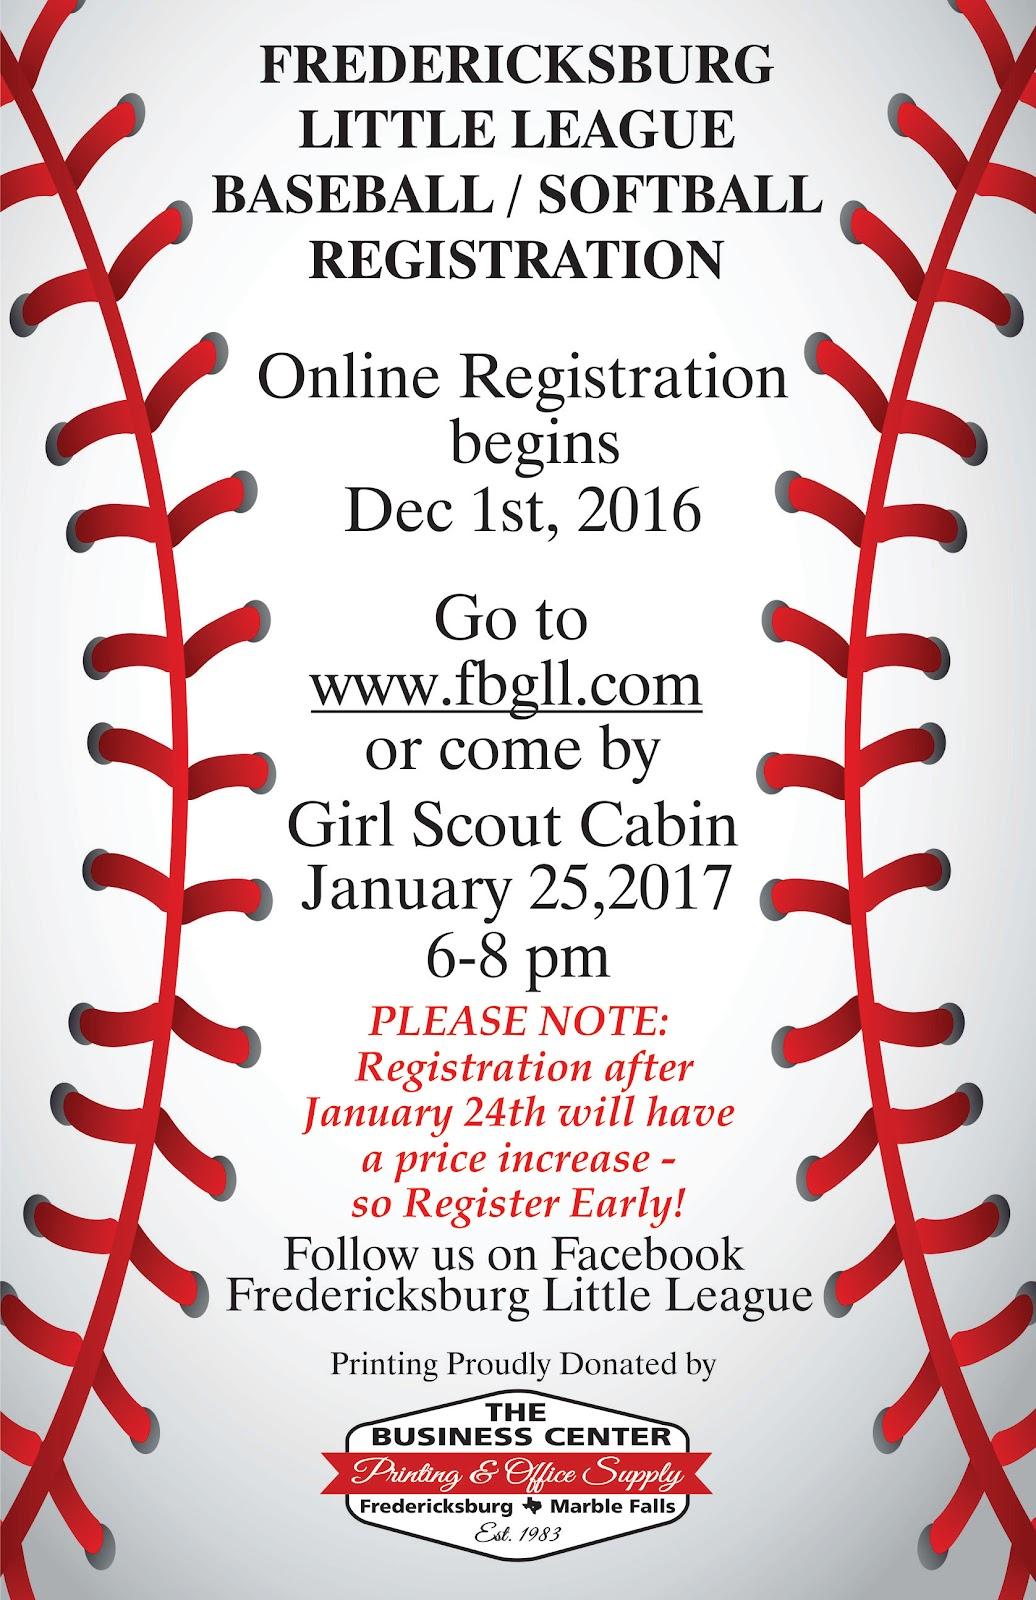 FBG Little League Registration v2.jpg